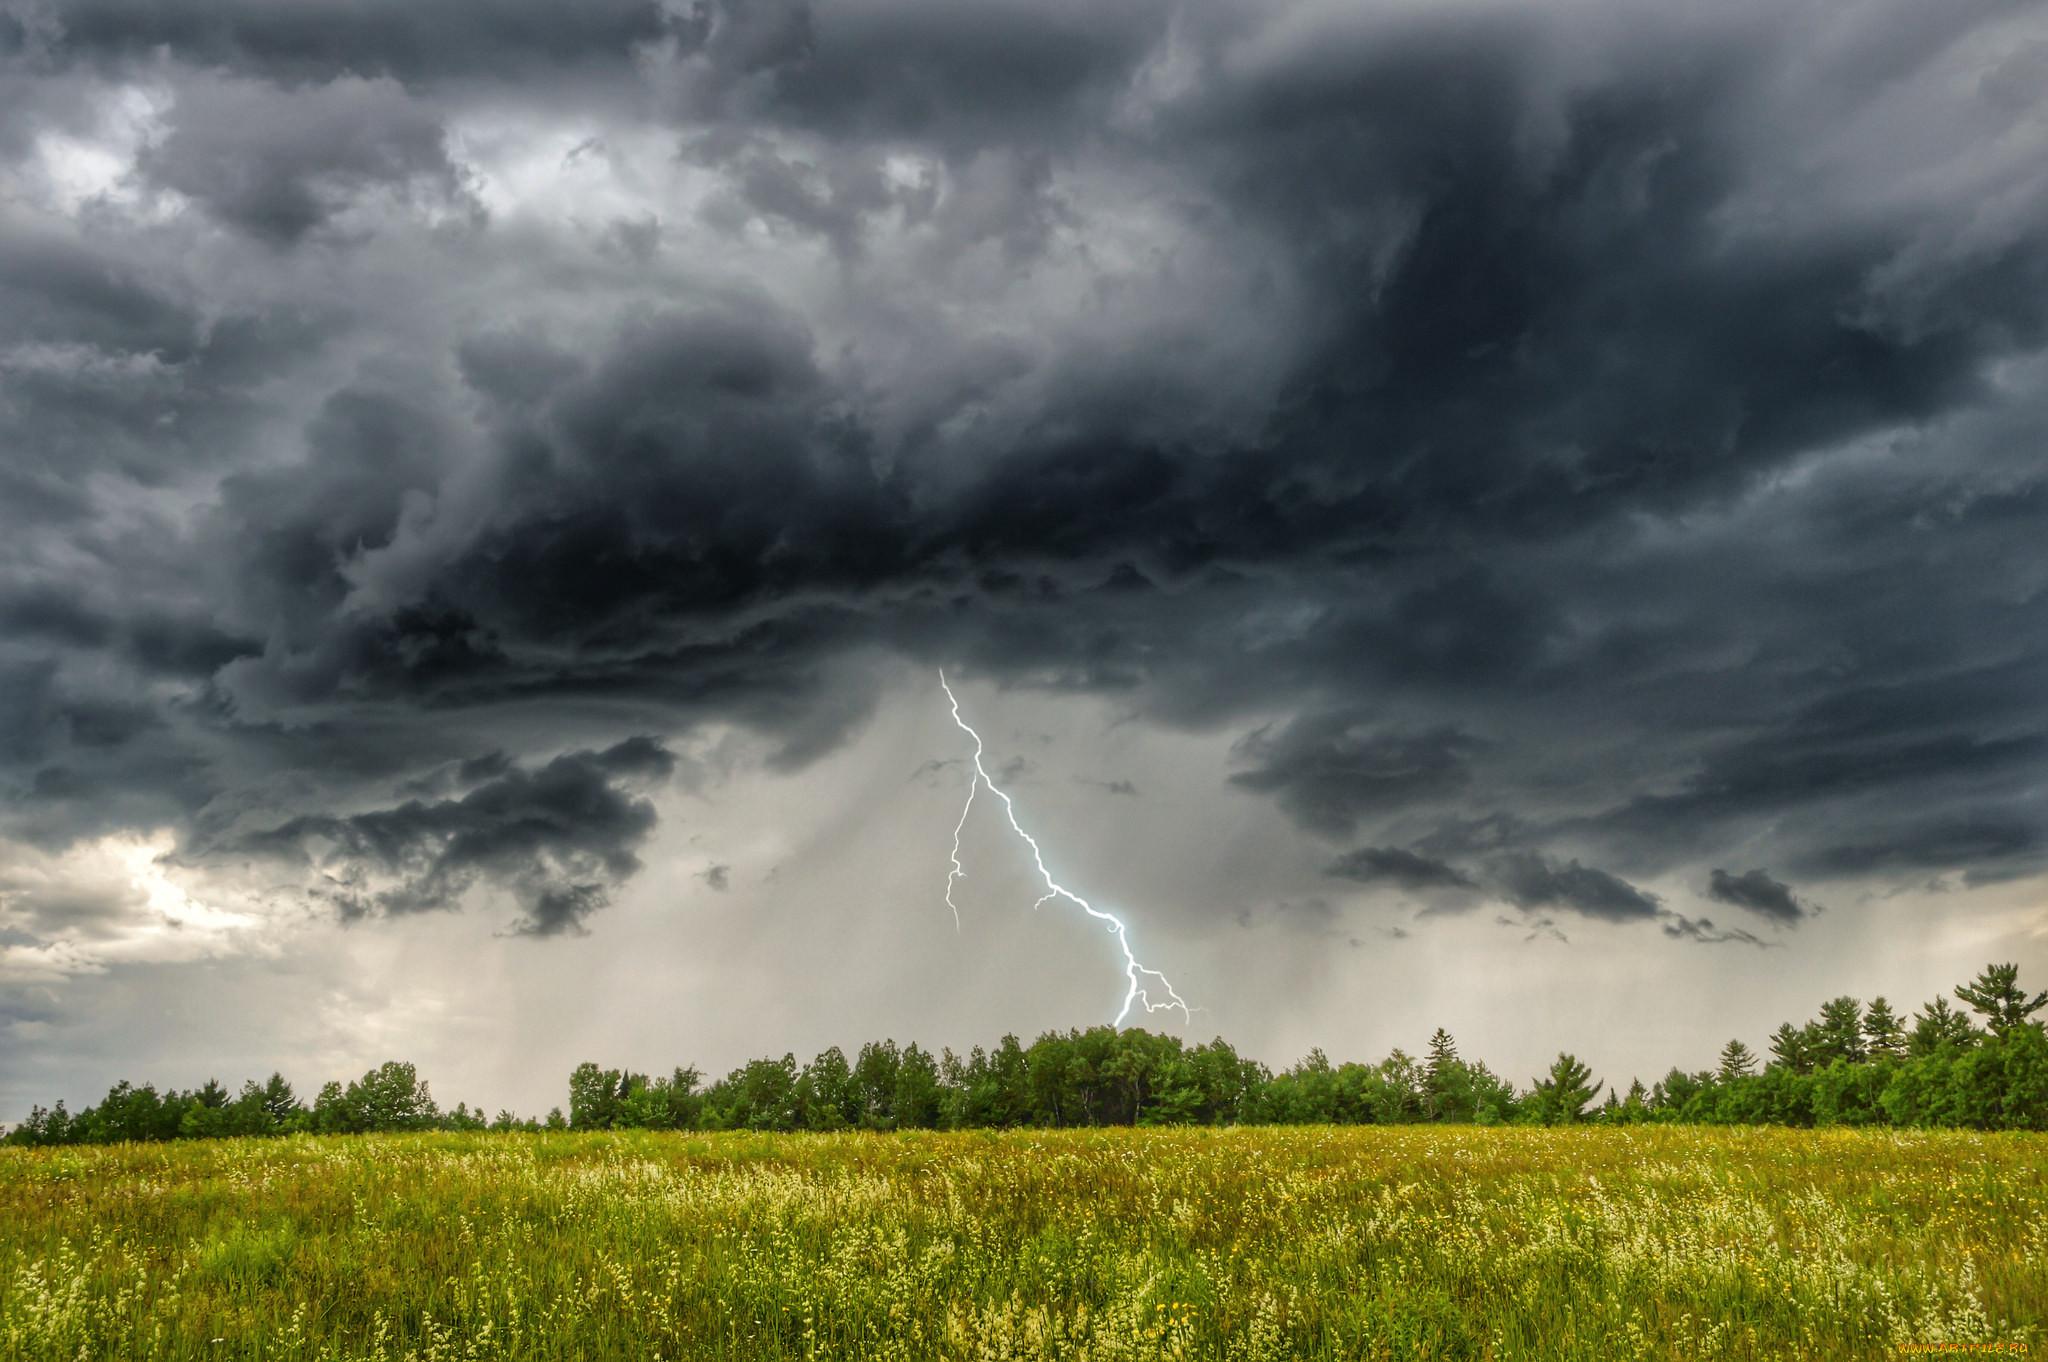 использовать картинки гроза и молния дождь поселке хбк возводили